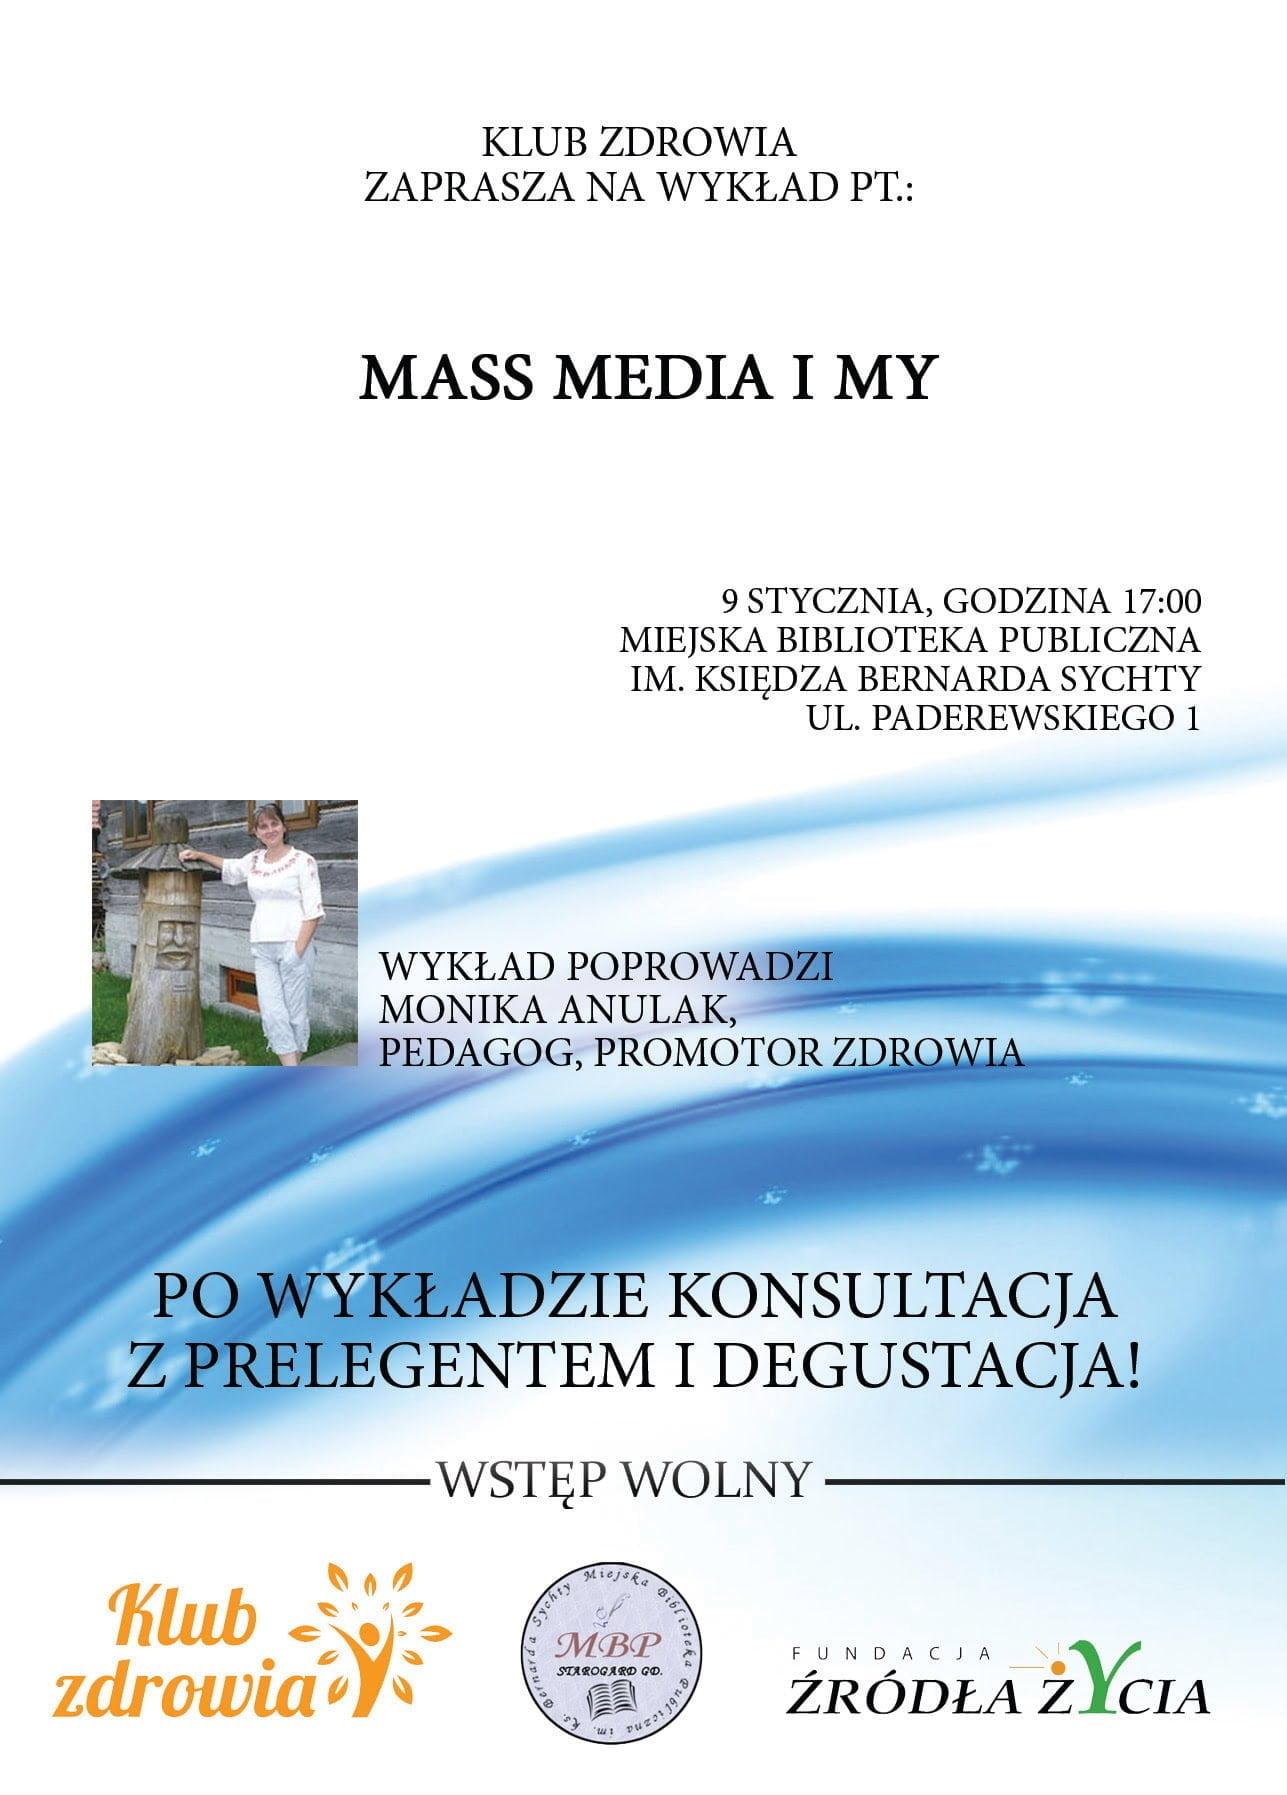 Klub Zdrowia: Mass media i my